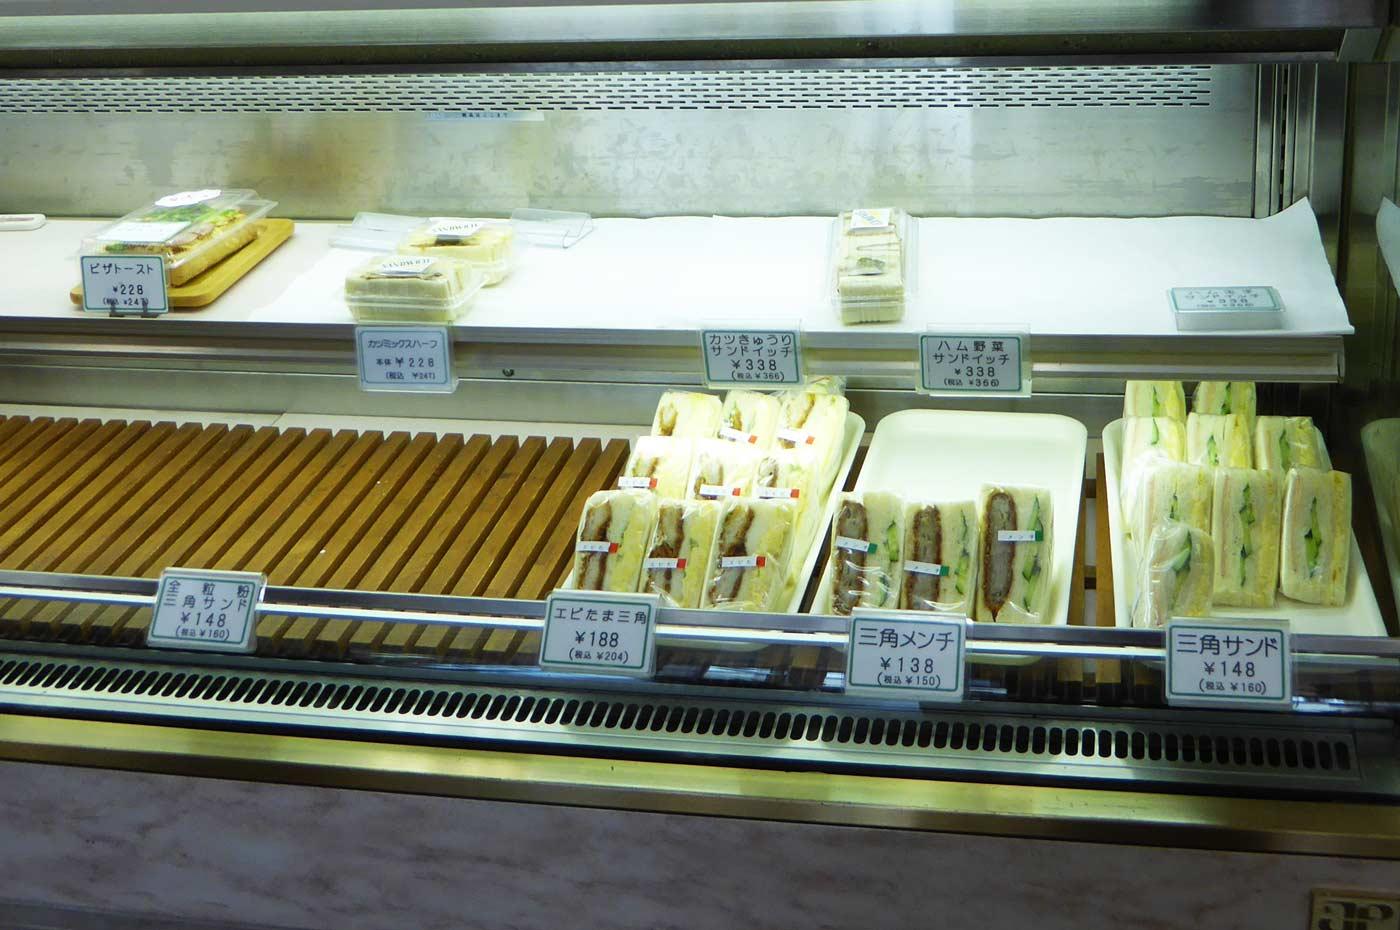 サンドイッチコーナー